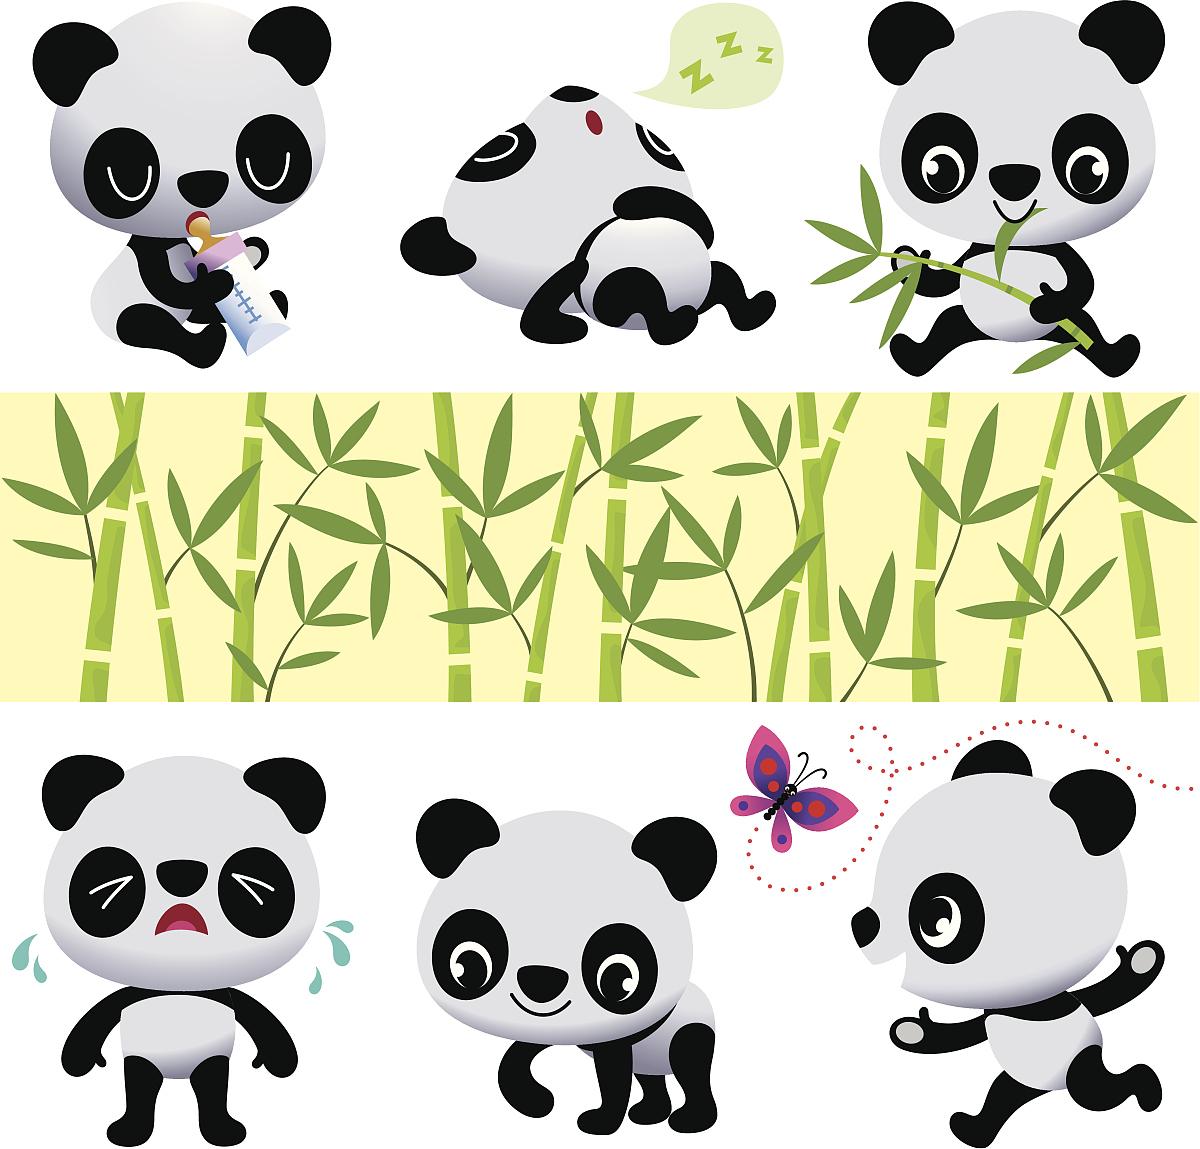 蝴蝶,森林,童年,计算机图标,竹,熊猫,可爱的,婴儿奶瓶,卡通,表情符号图片